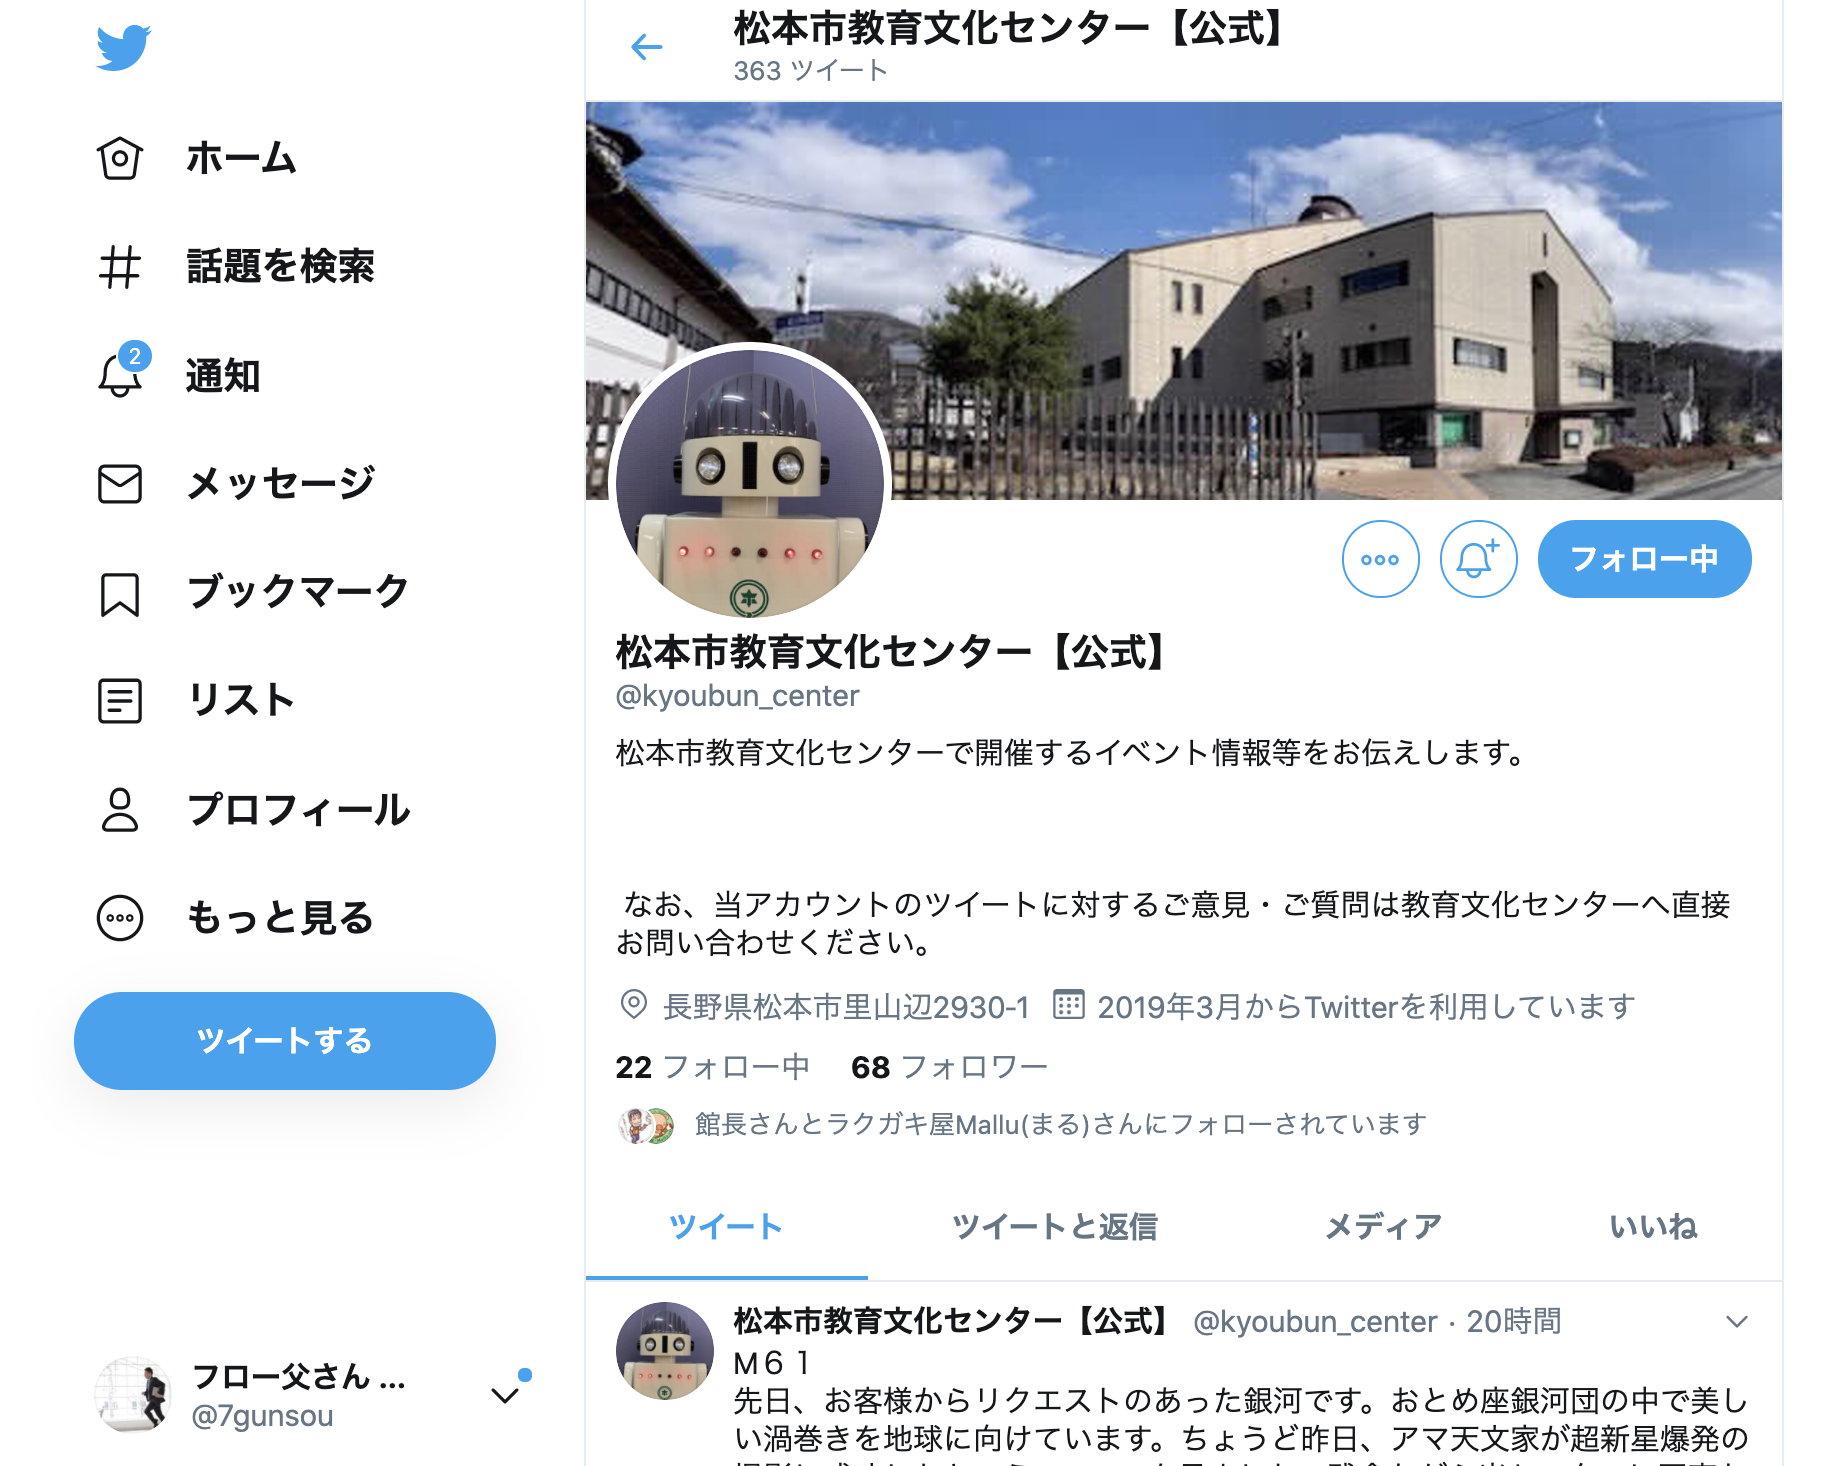 松本市教育文化センターのツイッター